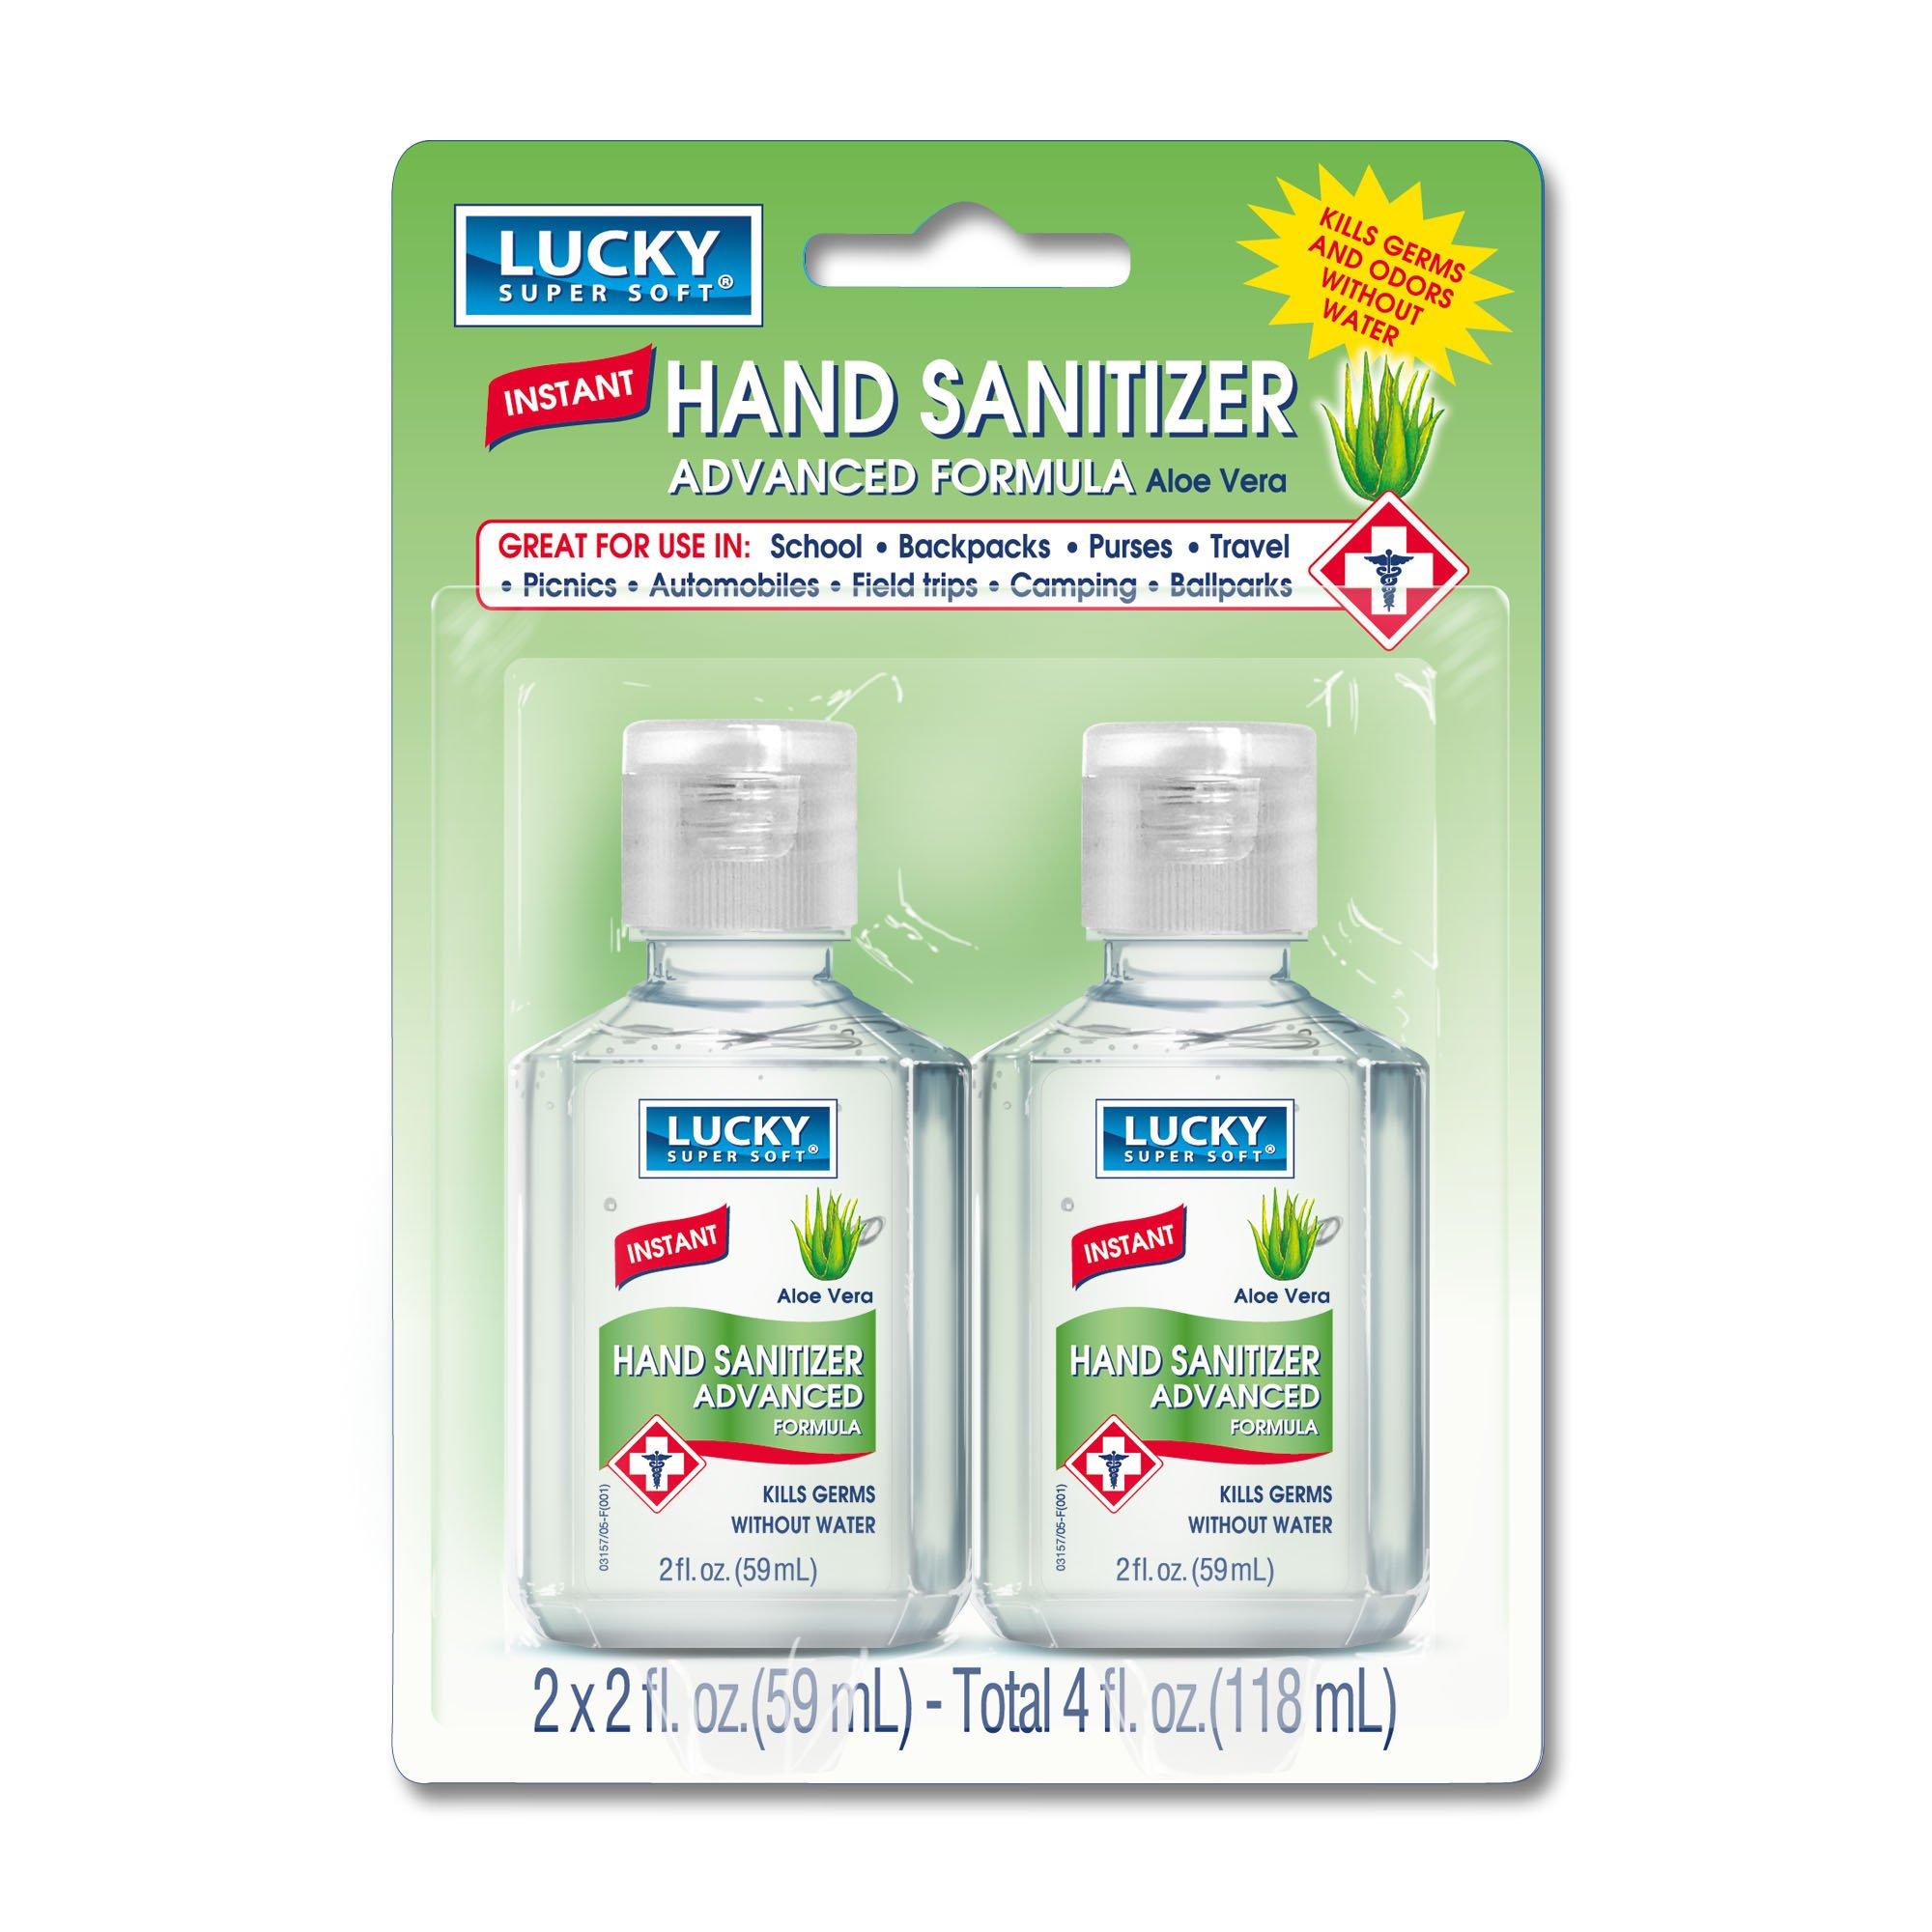 Lucky Super Soft Hand Sanitizer, Clear, Aloe Vera, 4 Fluid Ounce